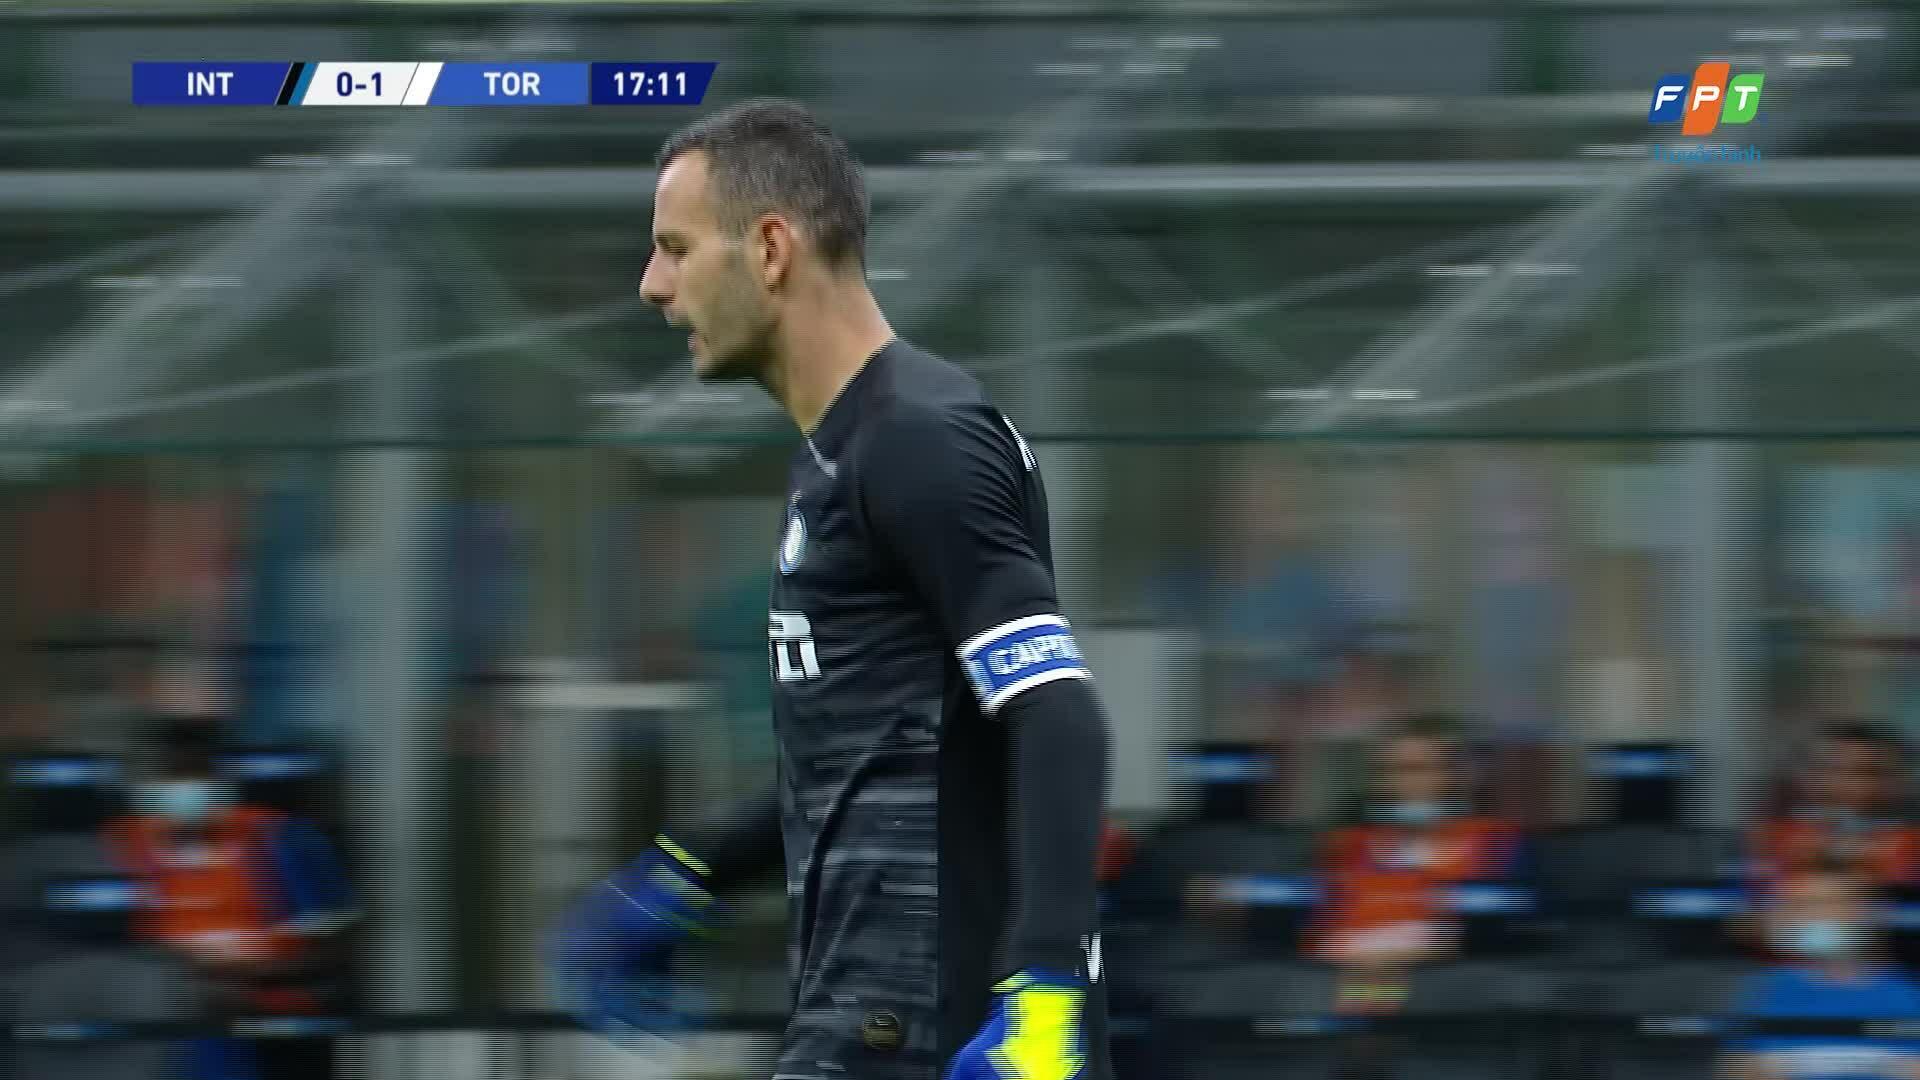 Inter 3-1 Torino